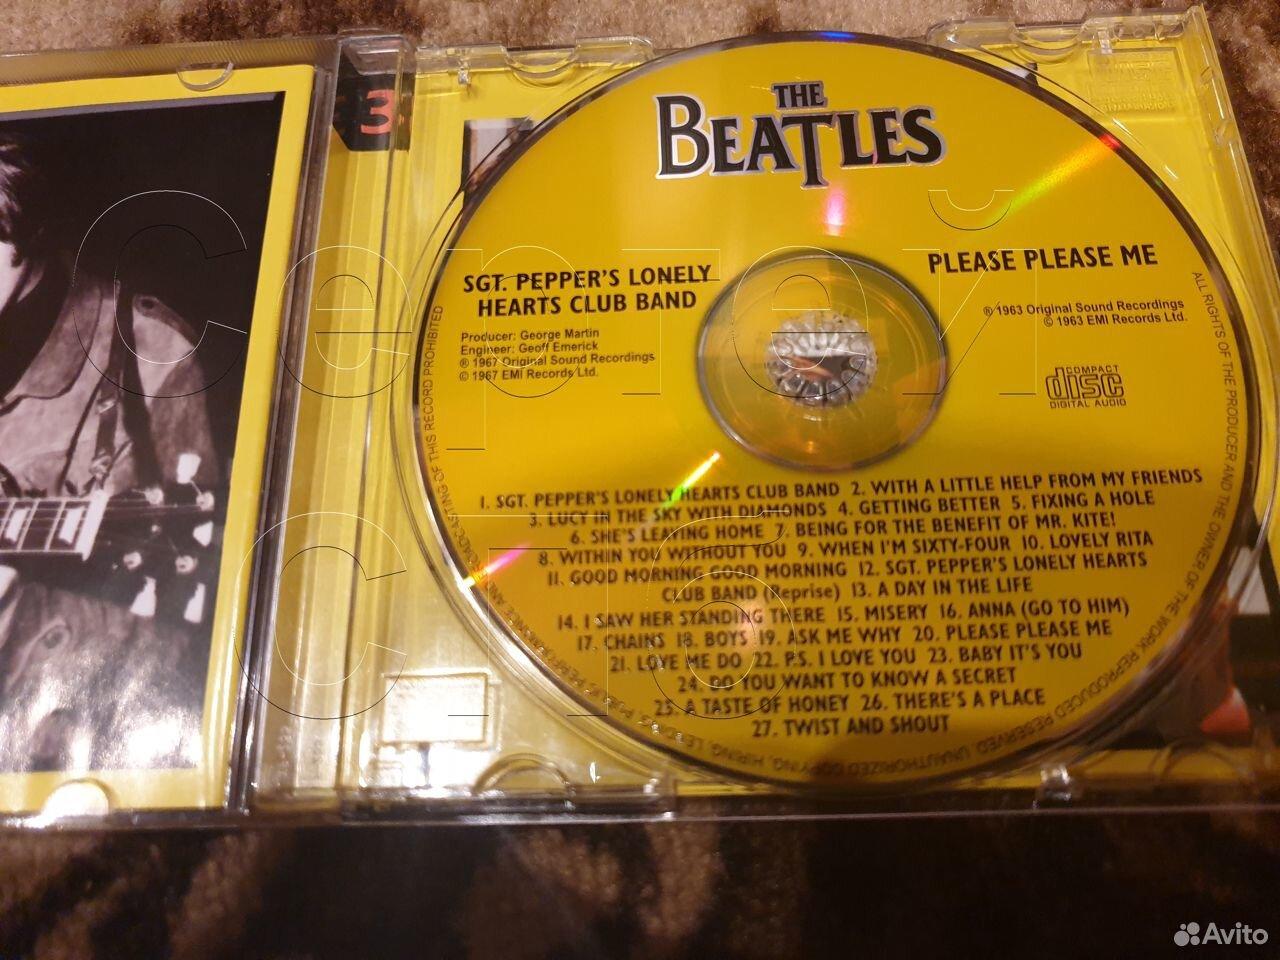 CD диски лицензионные и т.д. Выкуп аудио